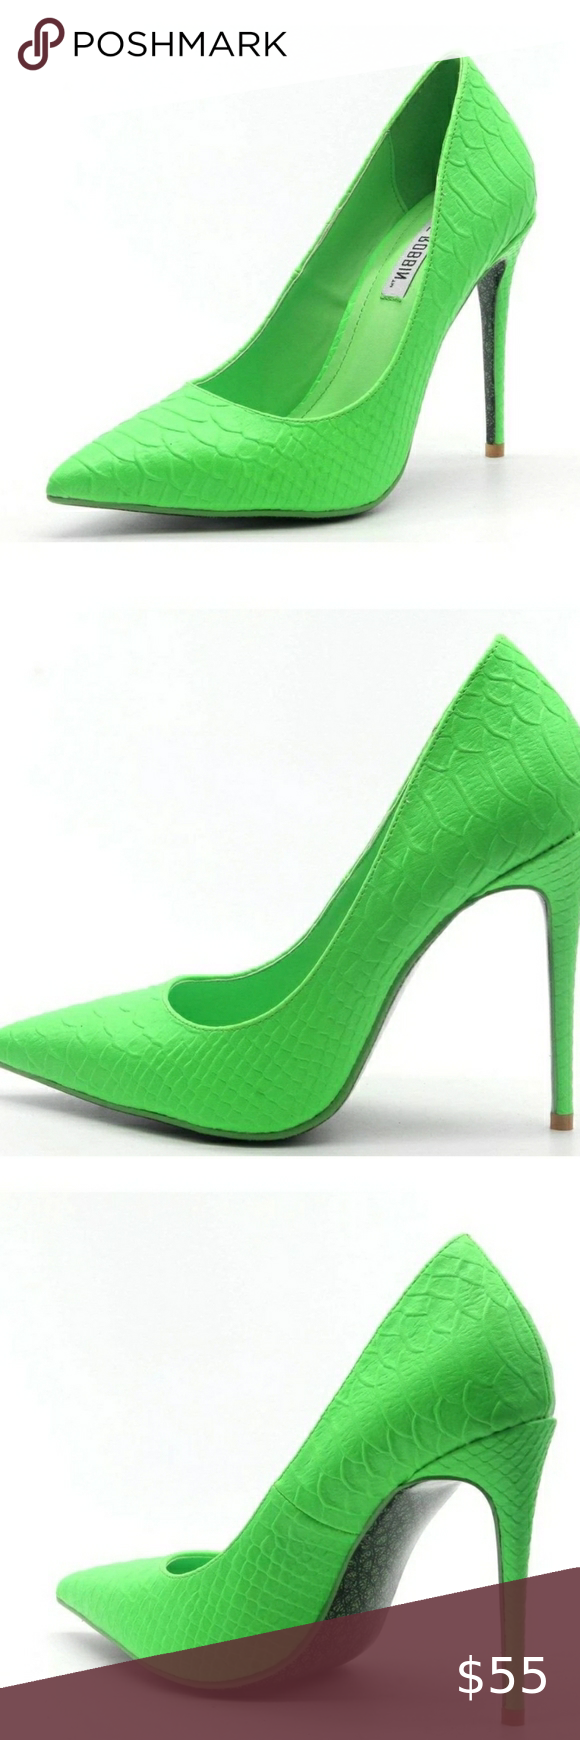 Cape Robbin Dixie Neon Light Green Crocodile Heels Green High Heels Heels Pink High Heels